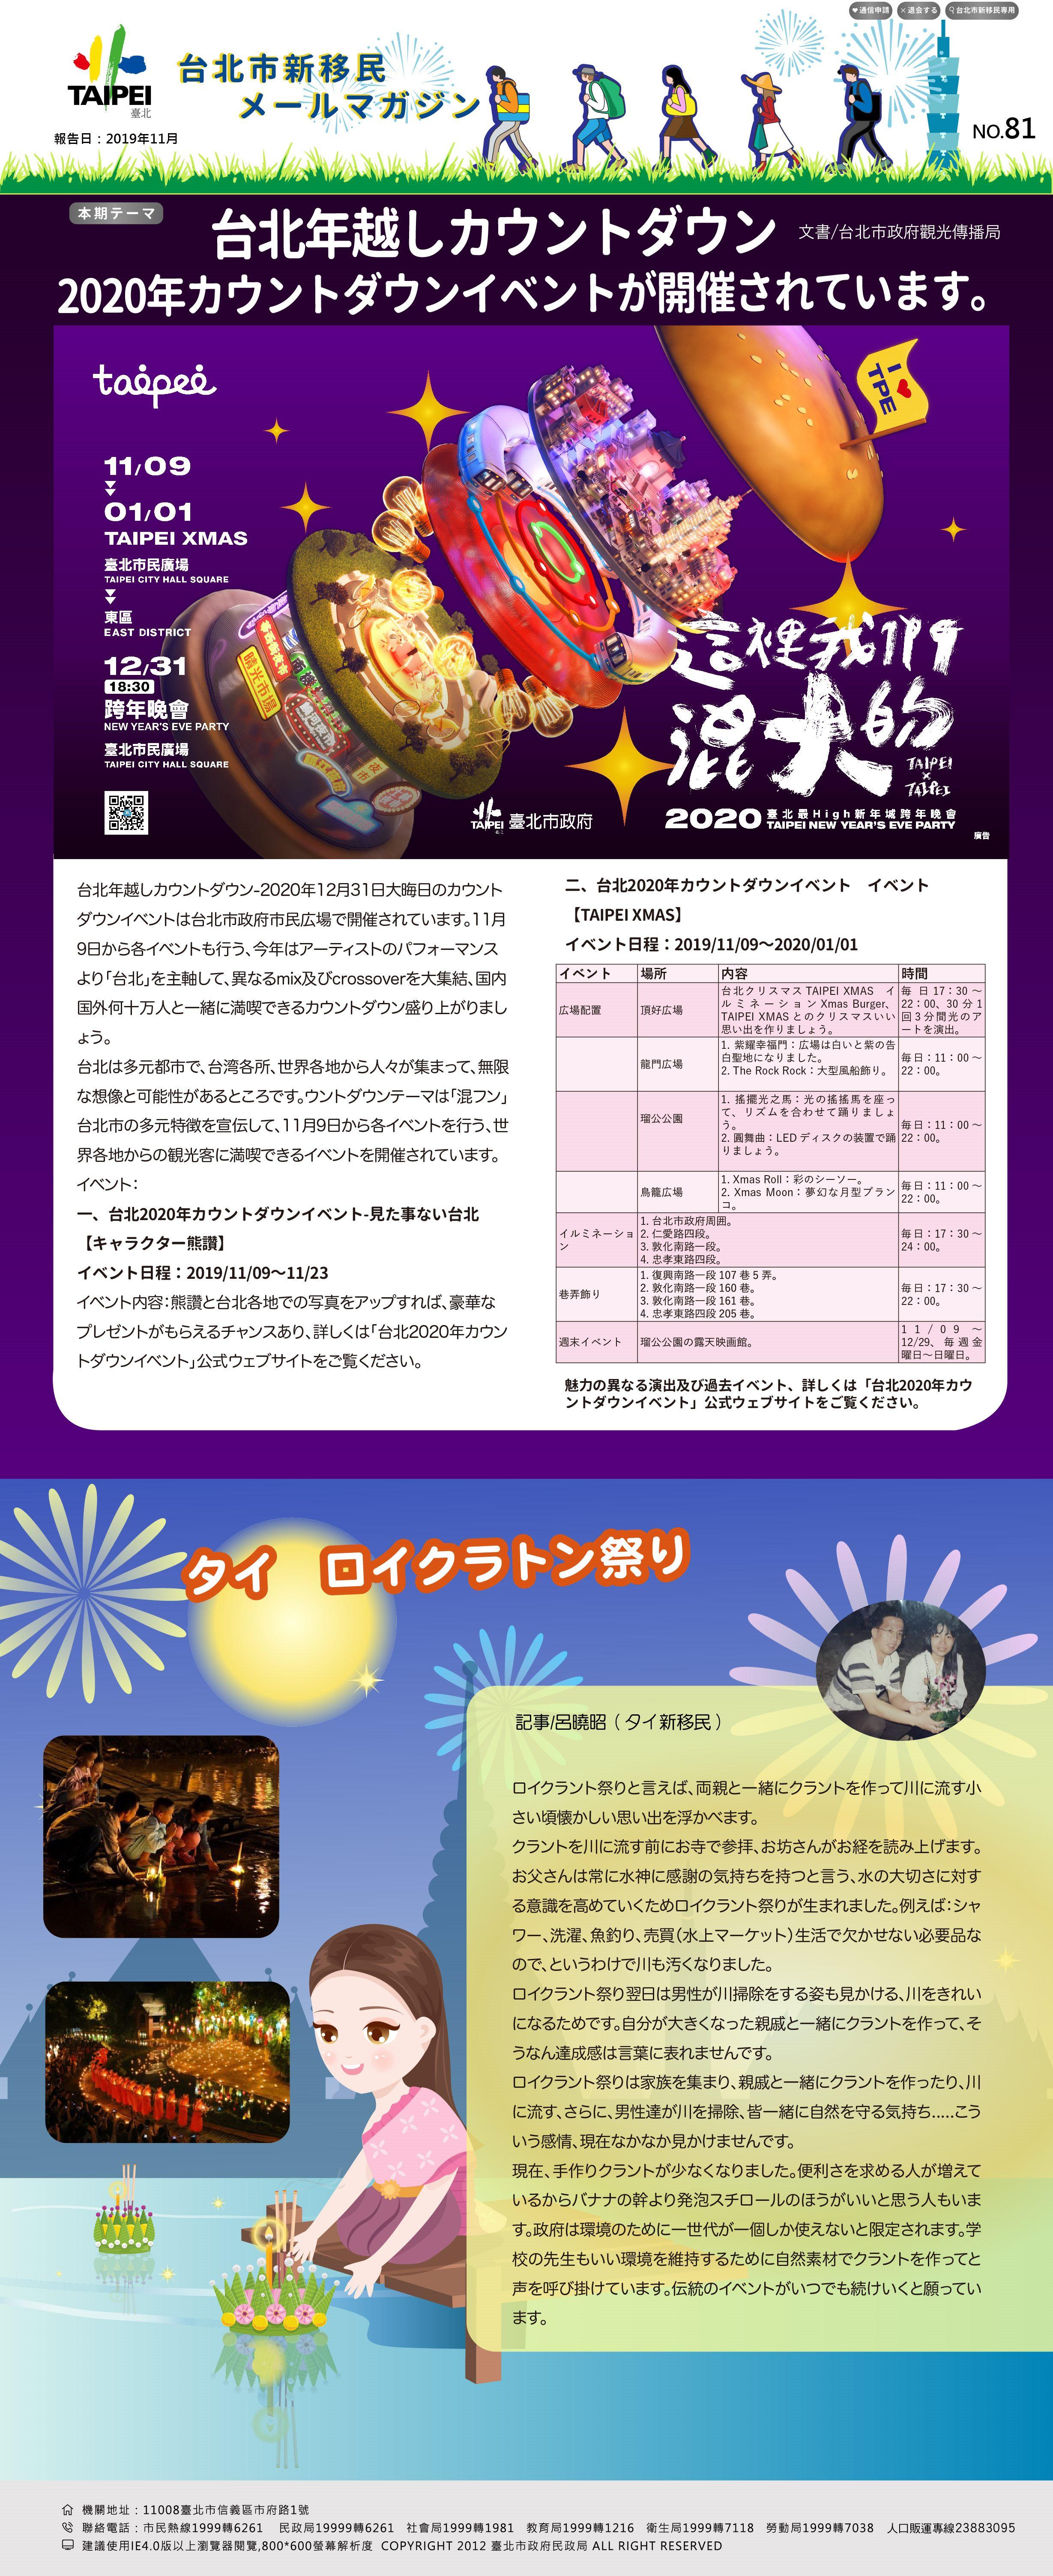 台北市新移民 メールマガジン 2019-11月号